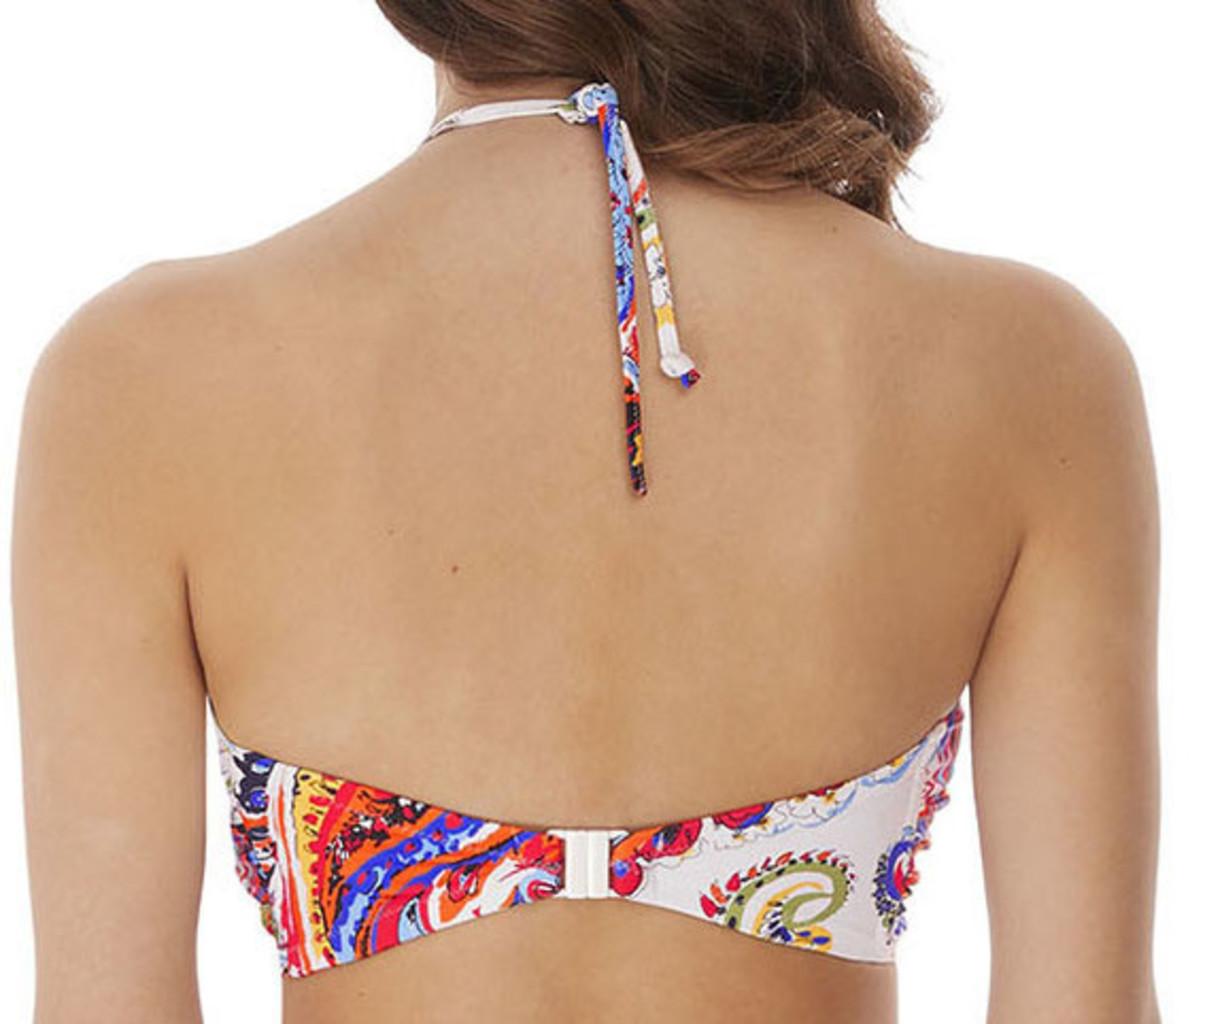 Freya Freya Rococo bandeau bikinitop met beugel & lichte voorvorm basis kleur wit met paisly print